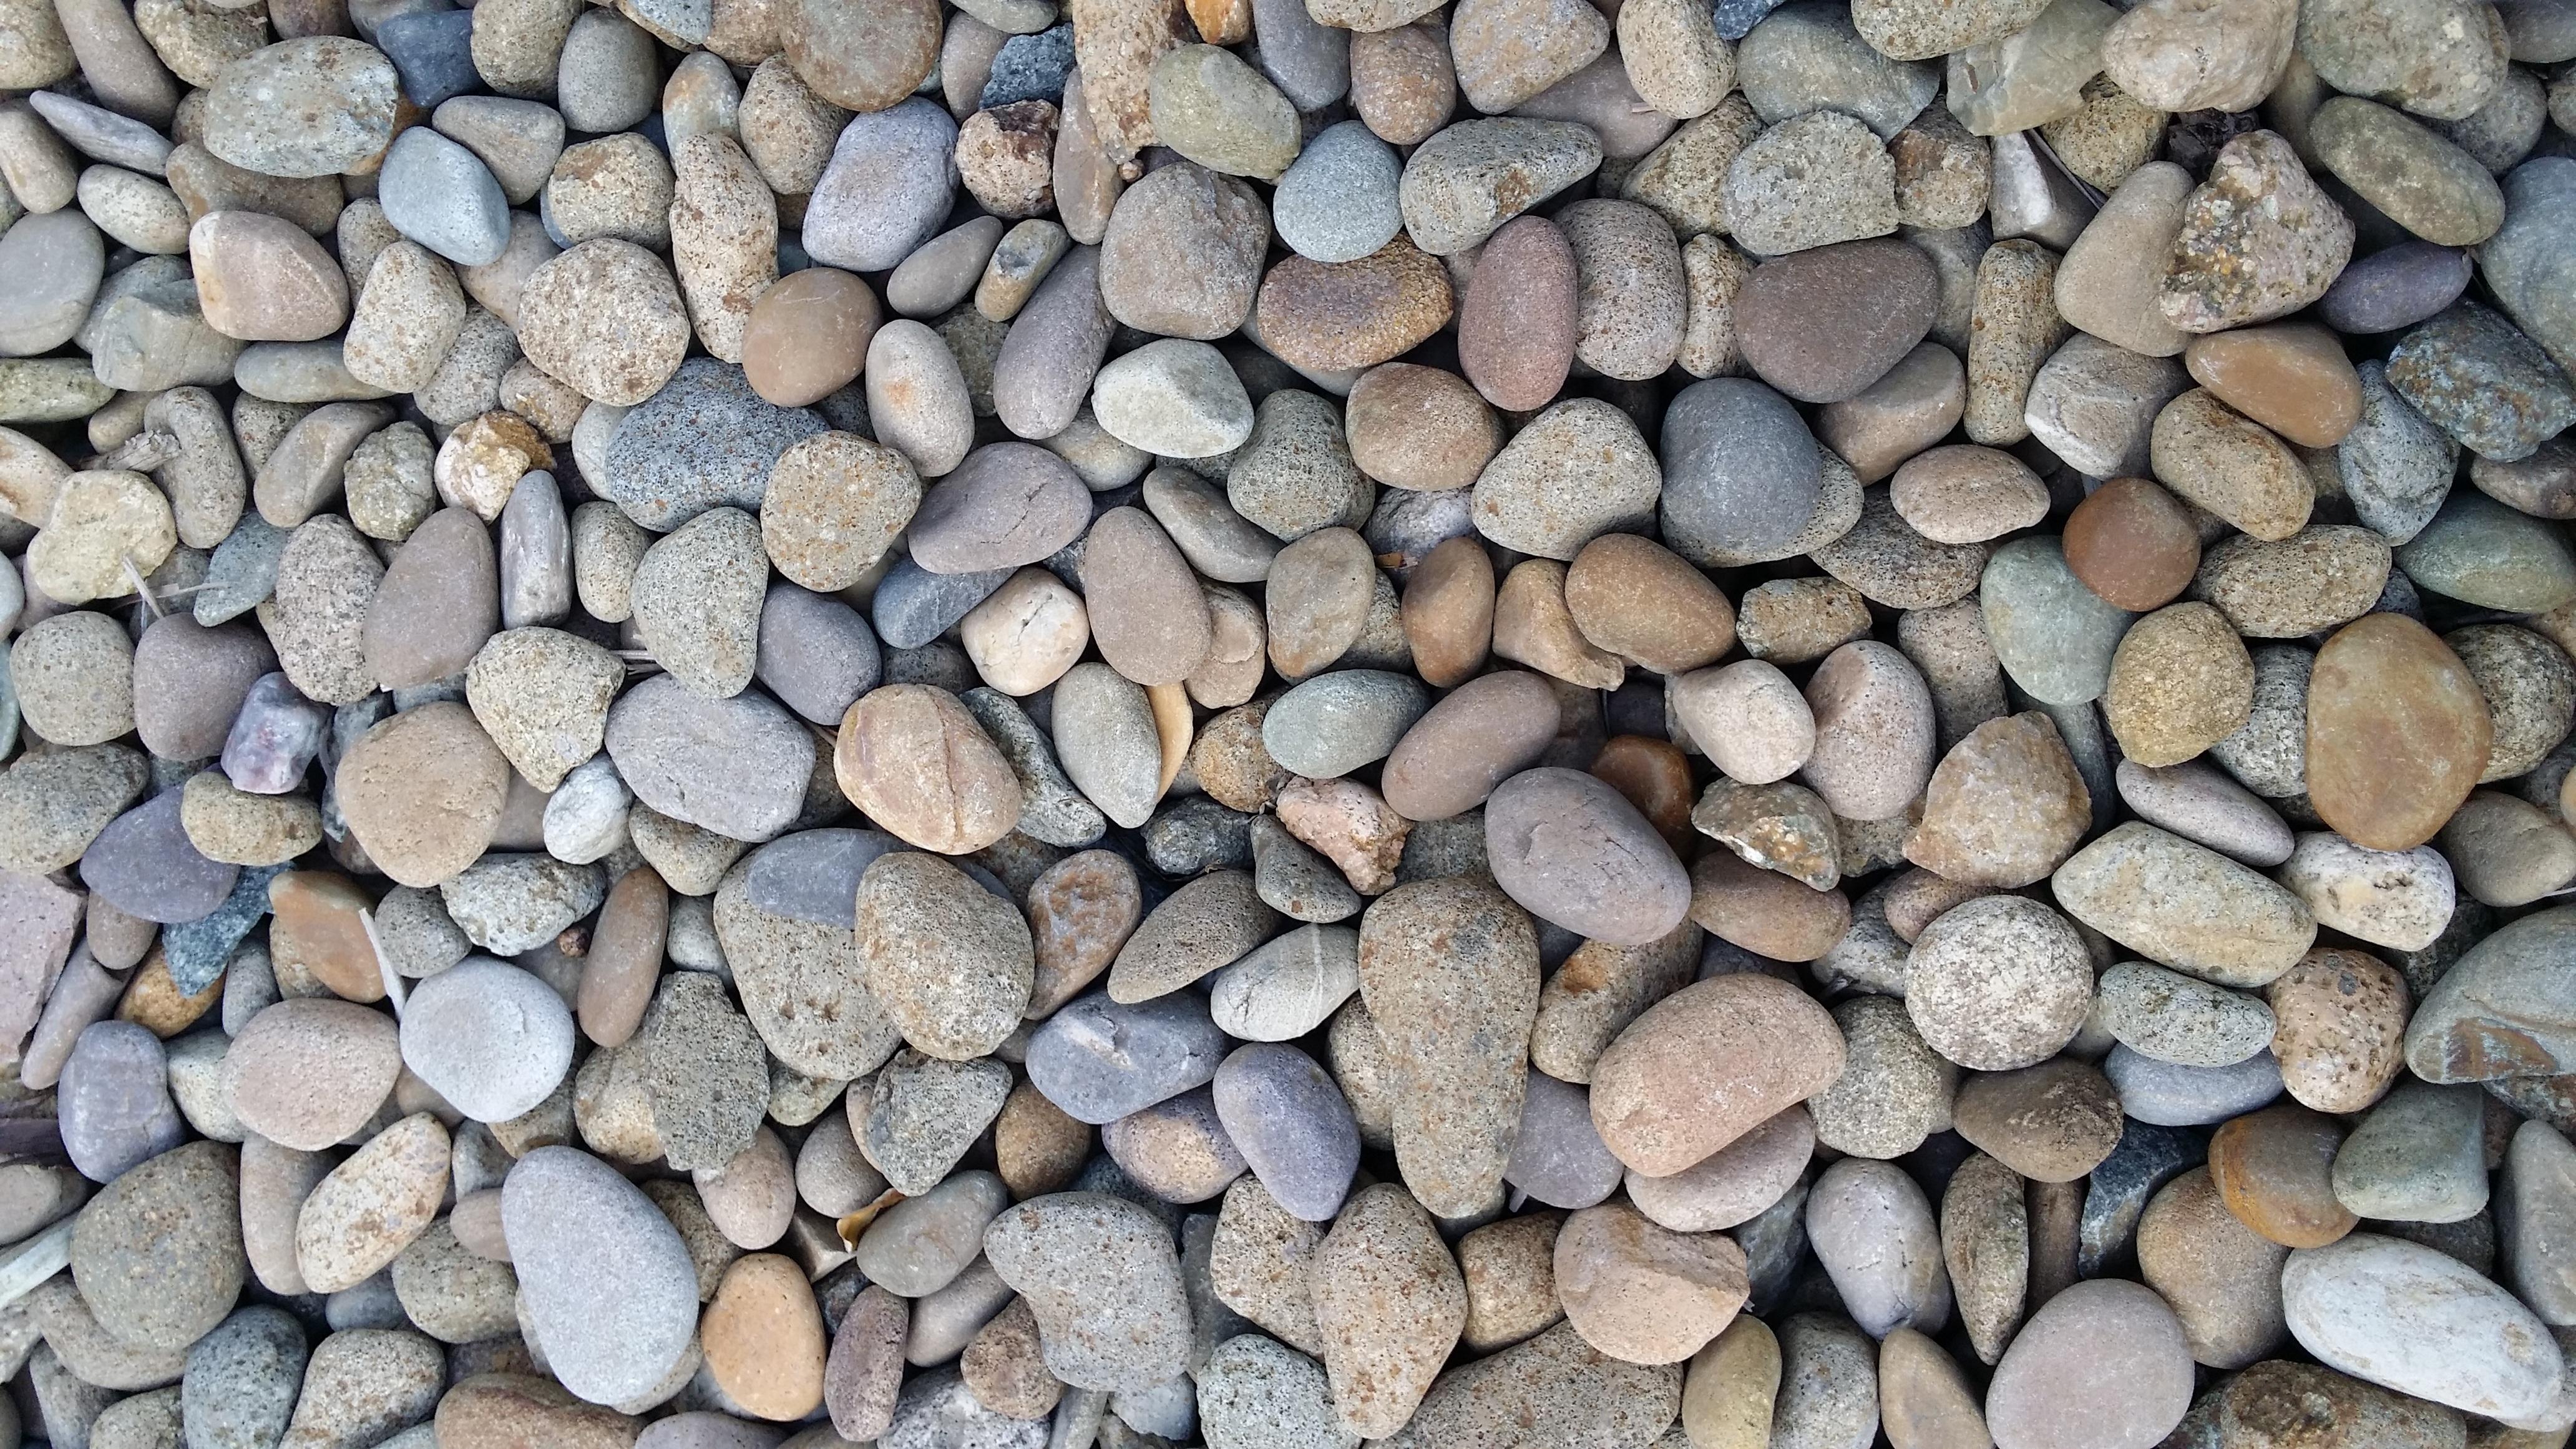 images gratuites roche abstrait bois texture naturel caillou sol rugueux mur de pierre. Black Bedroom Furniture Sets. Home Design Ideas